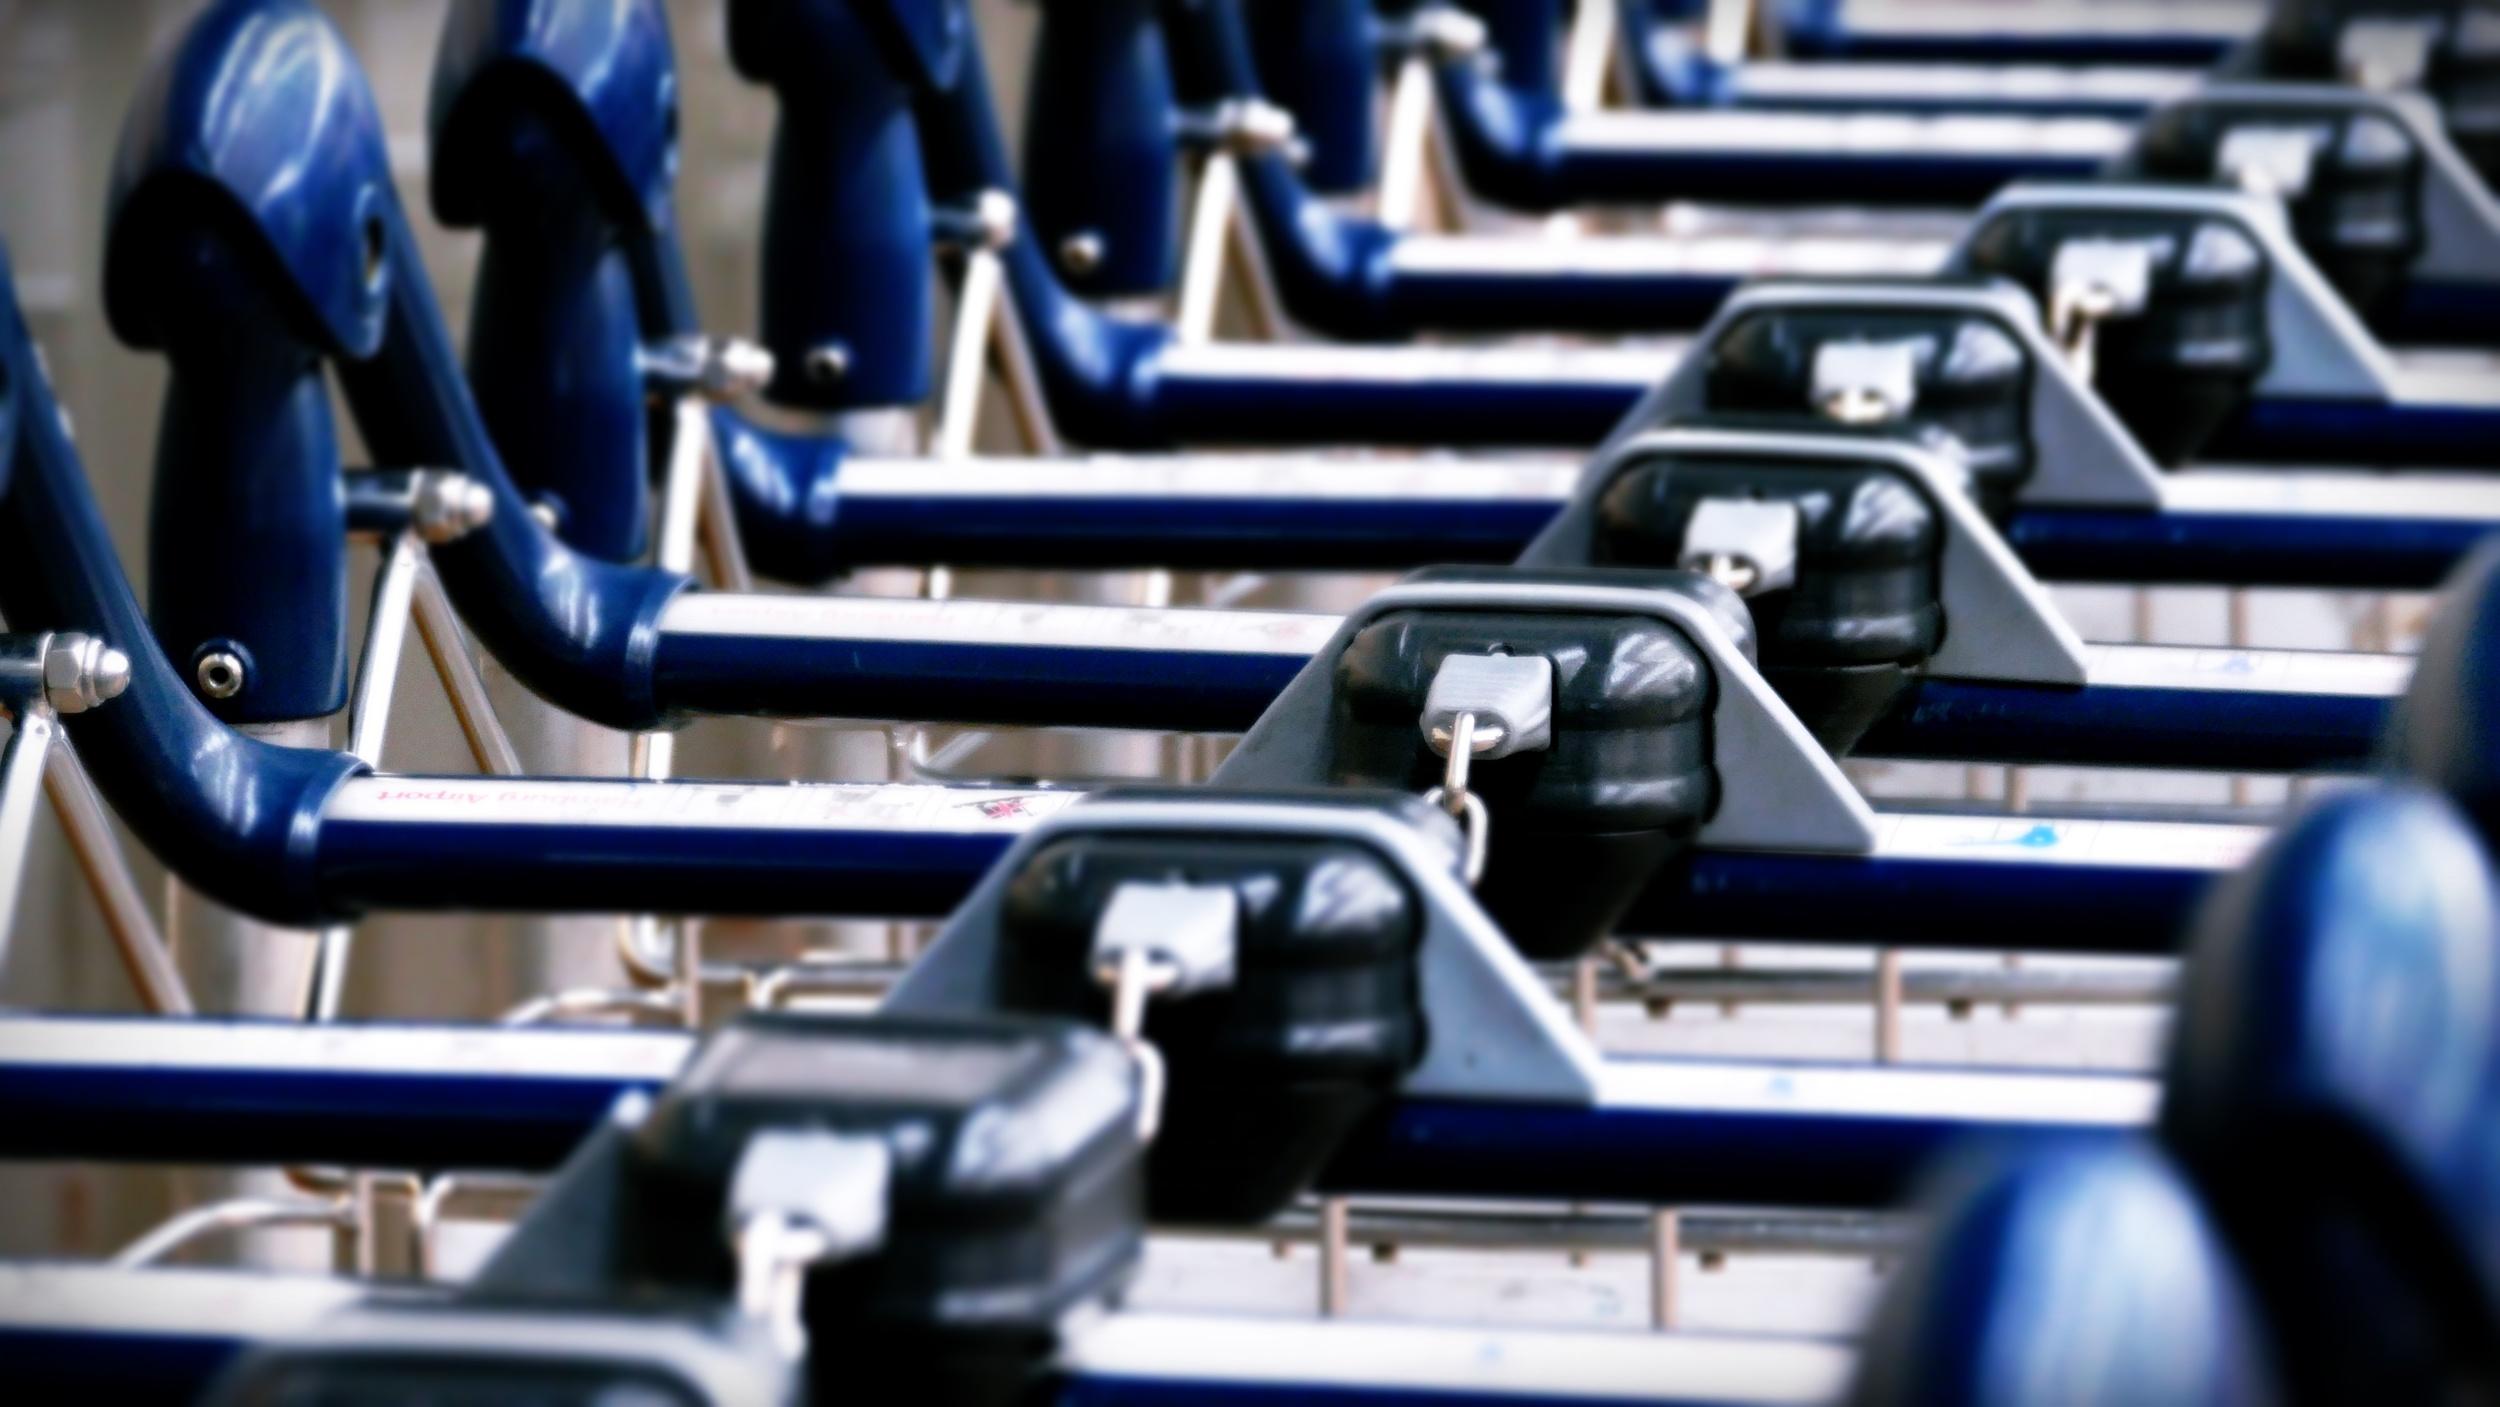 03 Trolleys.JPG